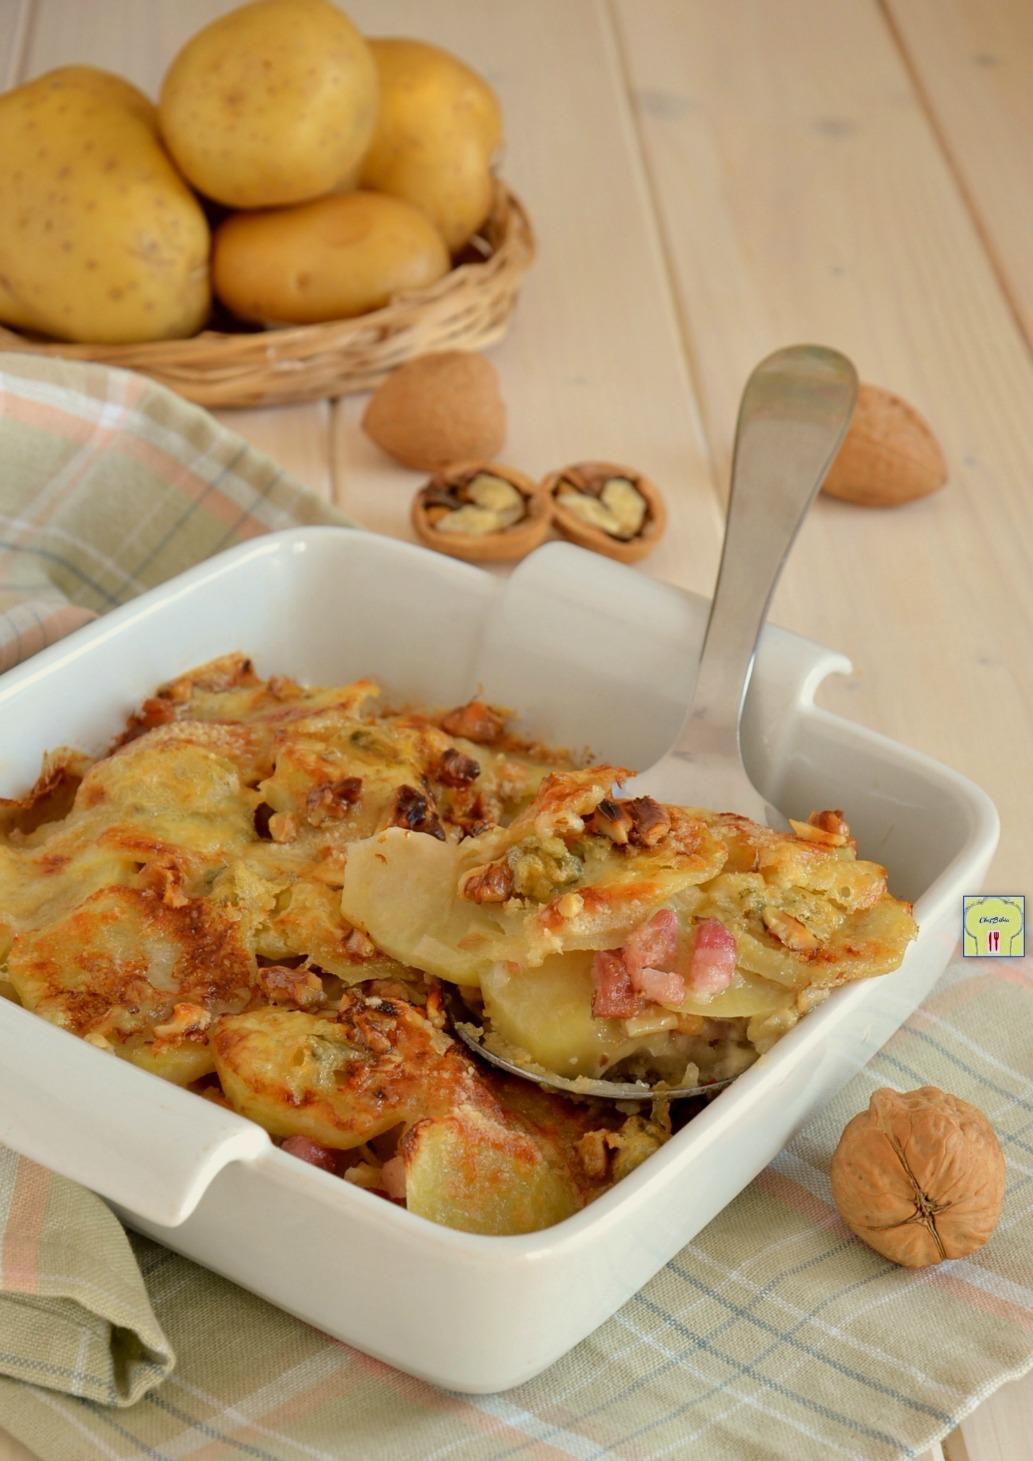 Teglia di patate gorgonzola e noci secondo piatto for Raccolta patate